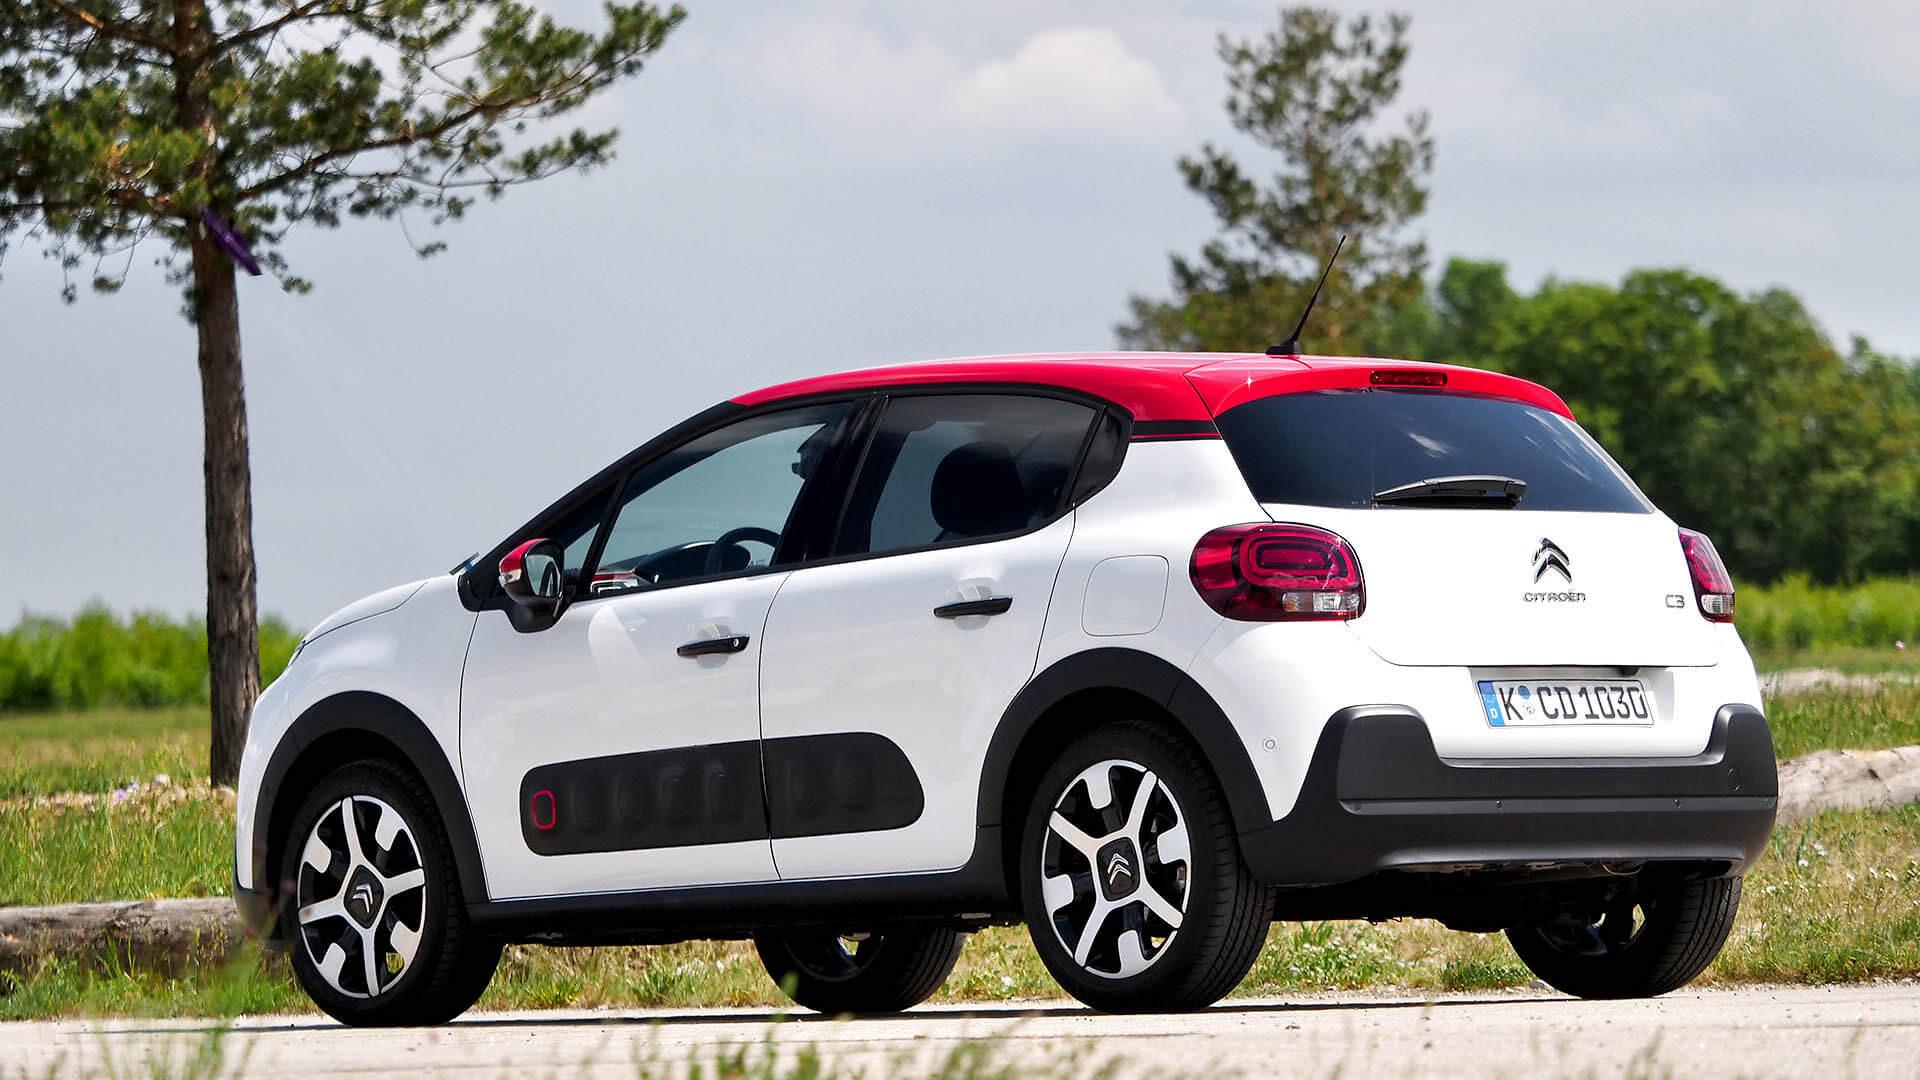 Test: Citroën C3 (2018) mit 110-PS-Turbobenziner und Automatik